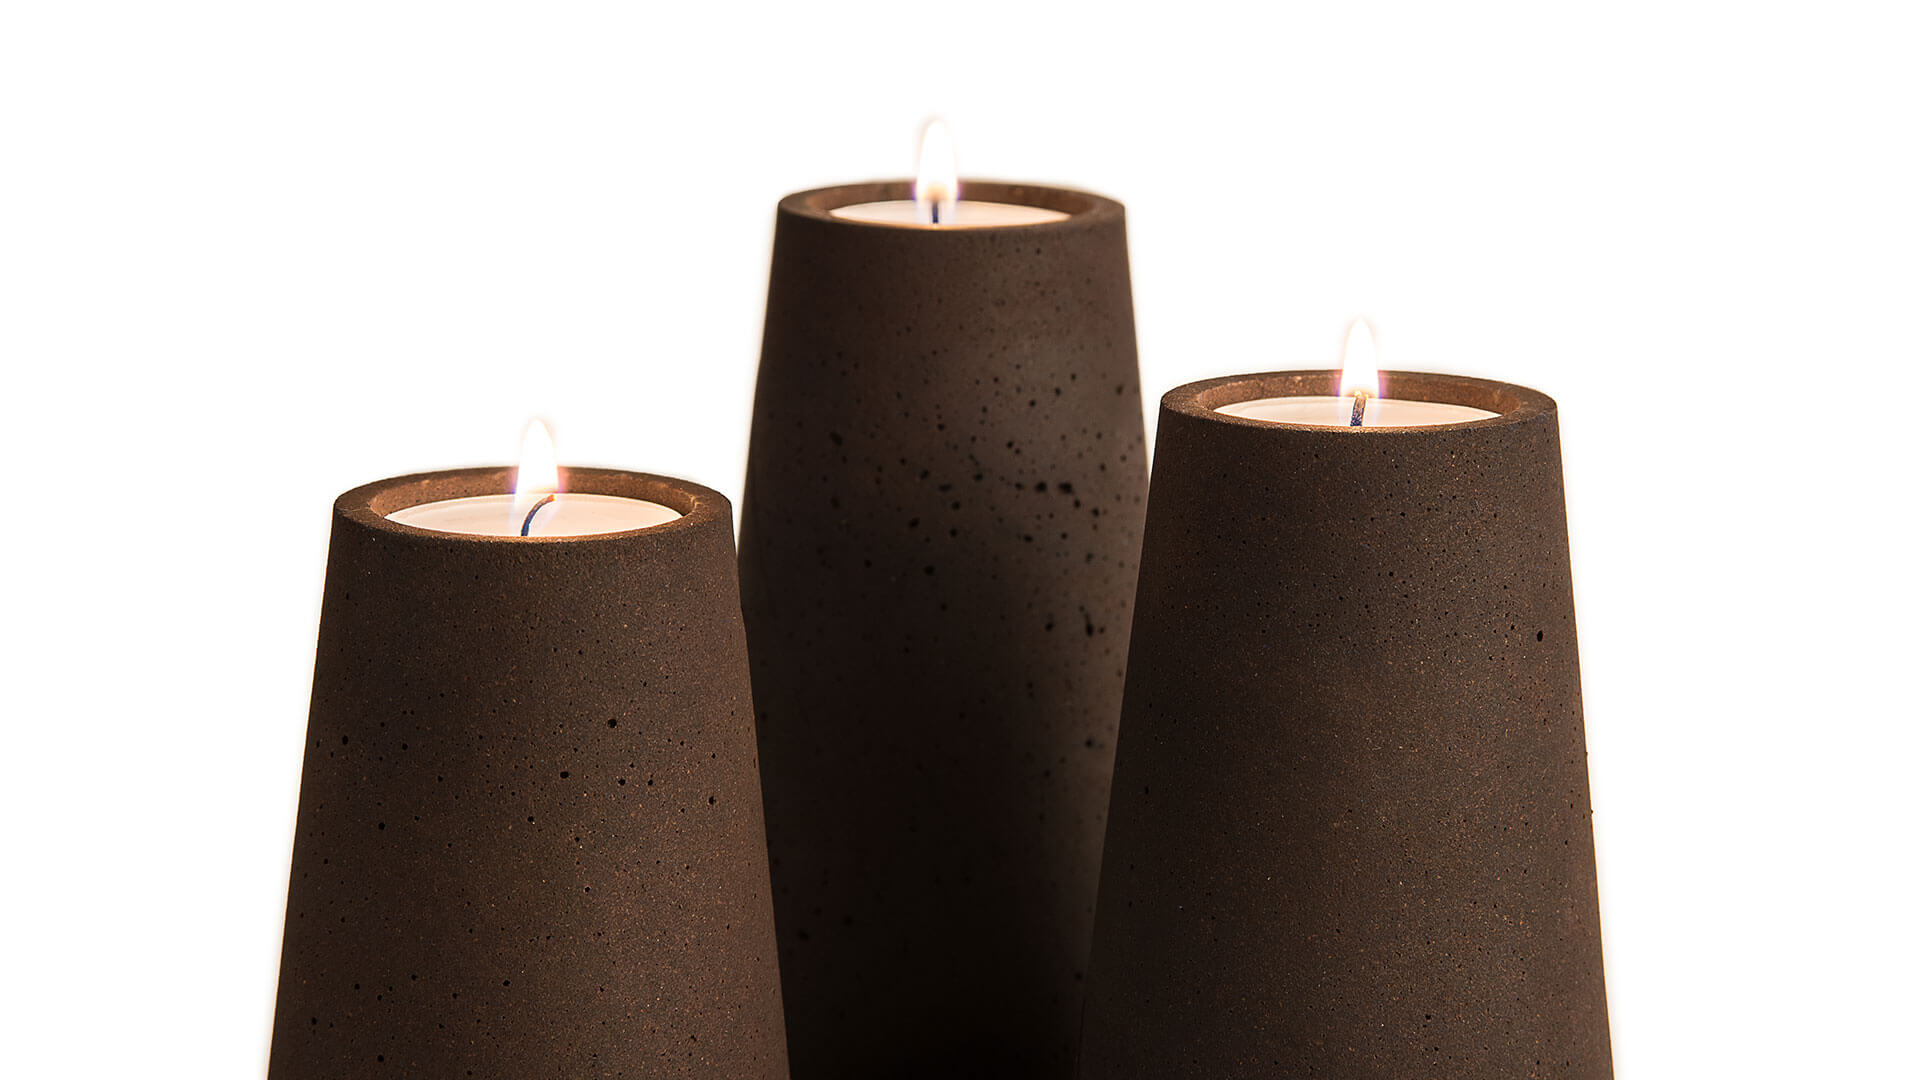 Ayane decaf soporte para vela regalos dise o original - Soportes para velas ...